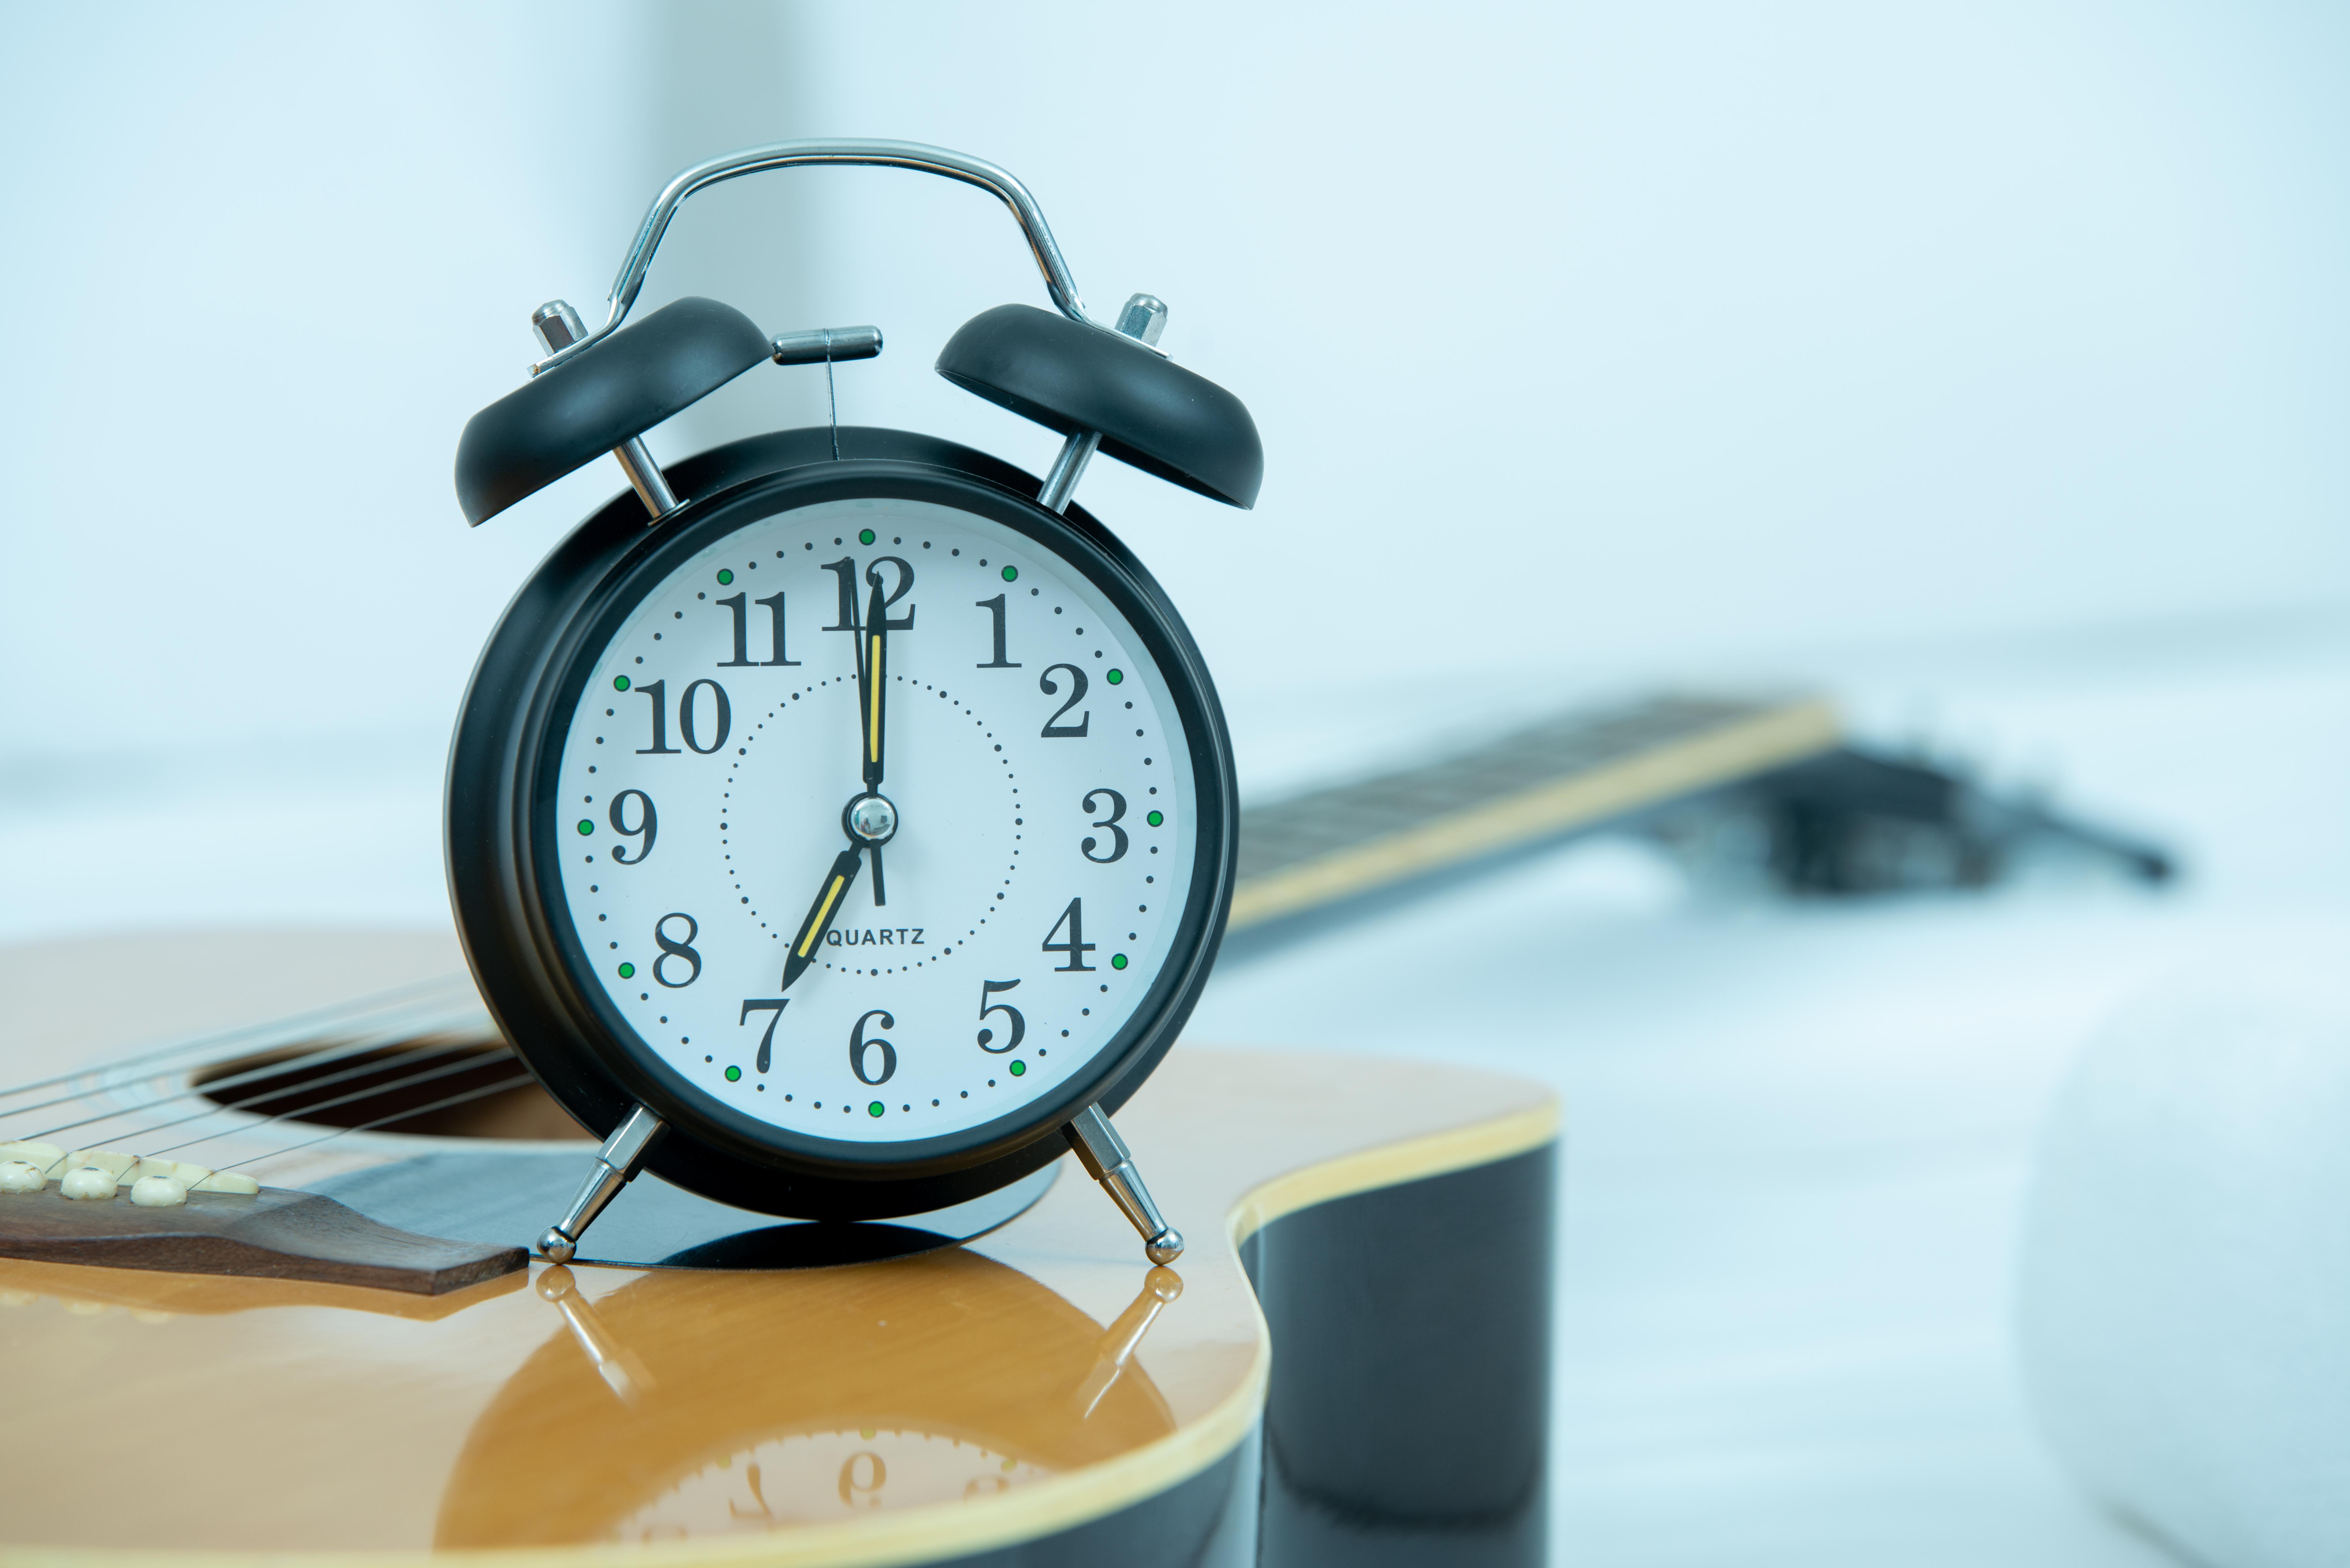 reloj despertador retro en una guitarra